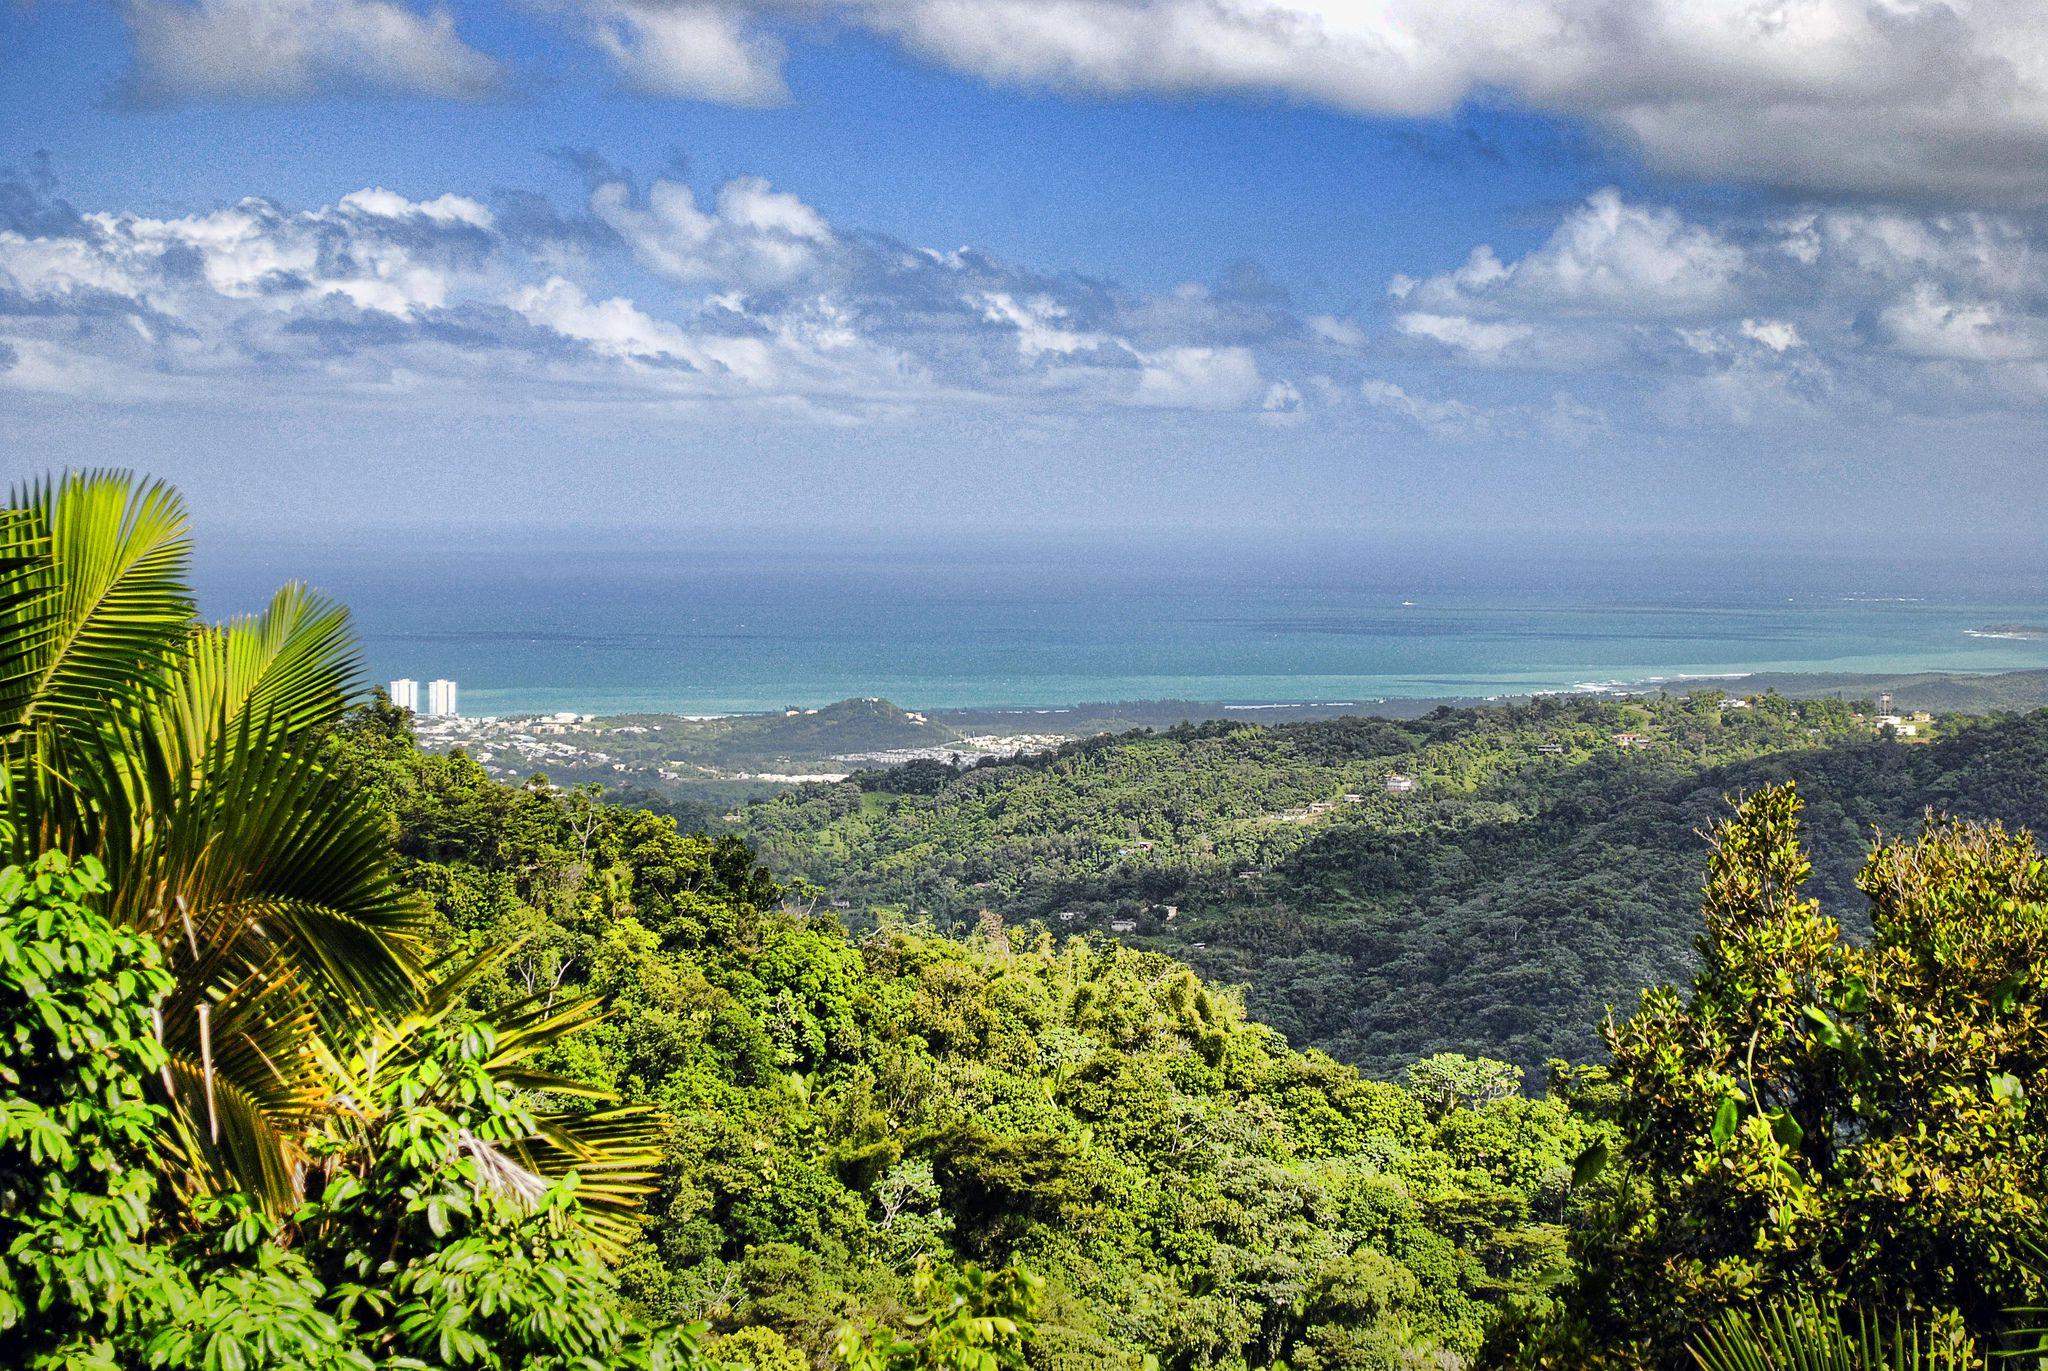 Puerto Rico Vista - Mirando hacia el noreste desde el Parque Nacional El Yunque en Puerto Rico